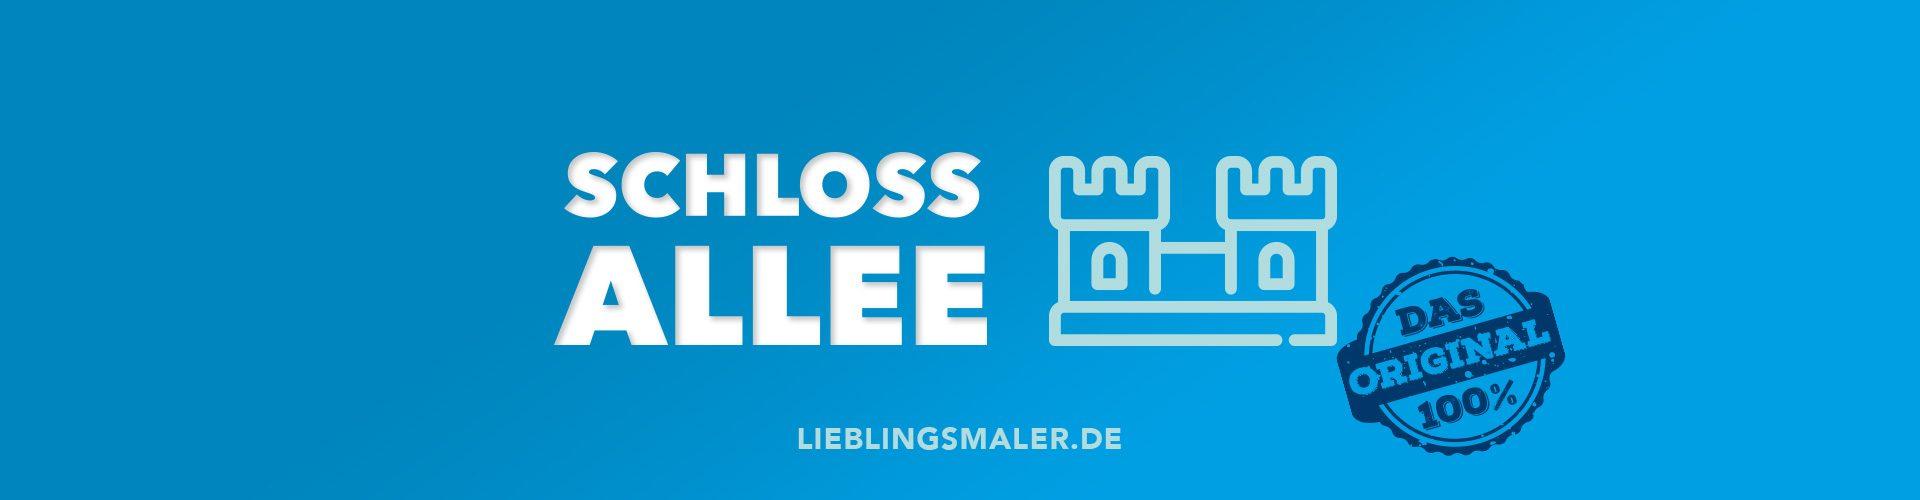 Schlossallee Lieblingsmaler.de